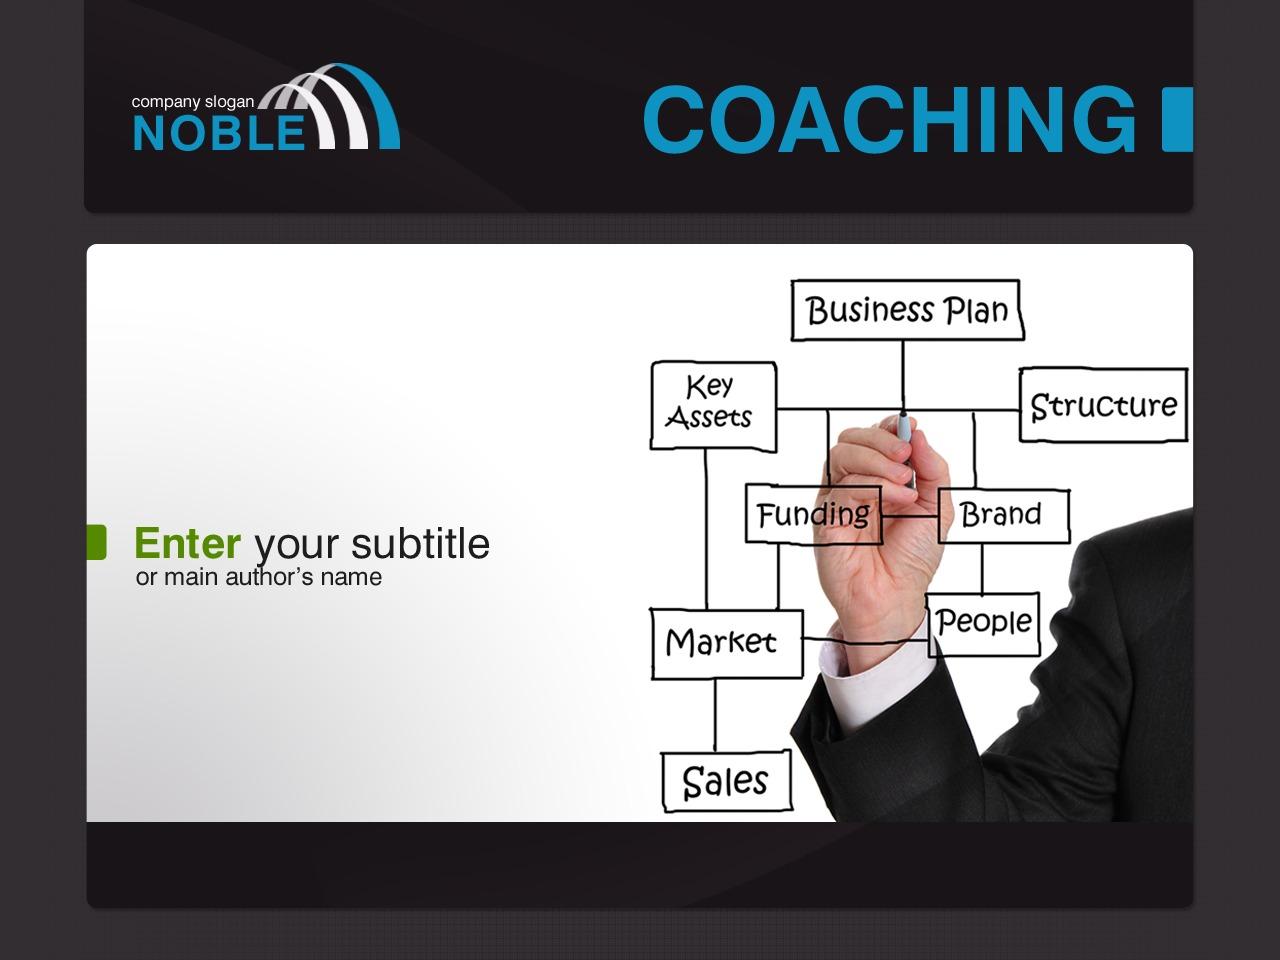 商学院网站PowerPoint 模板 #30791